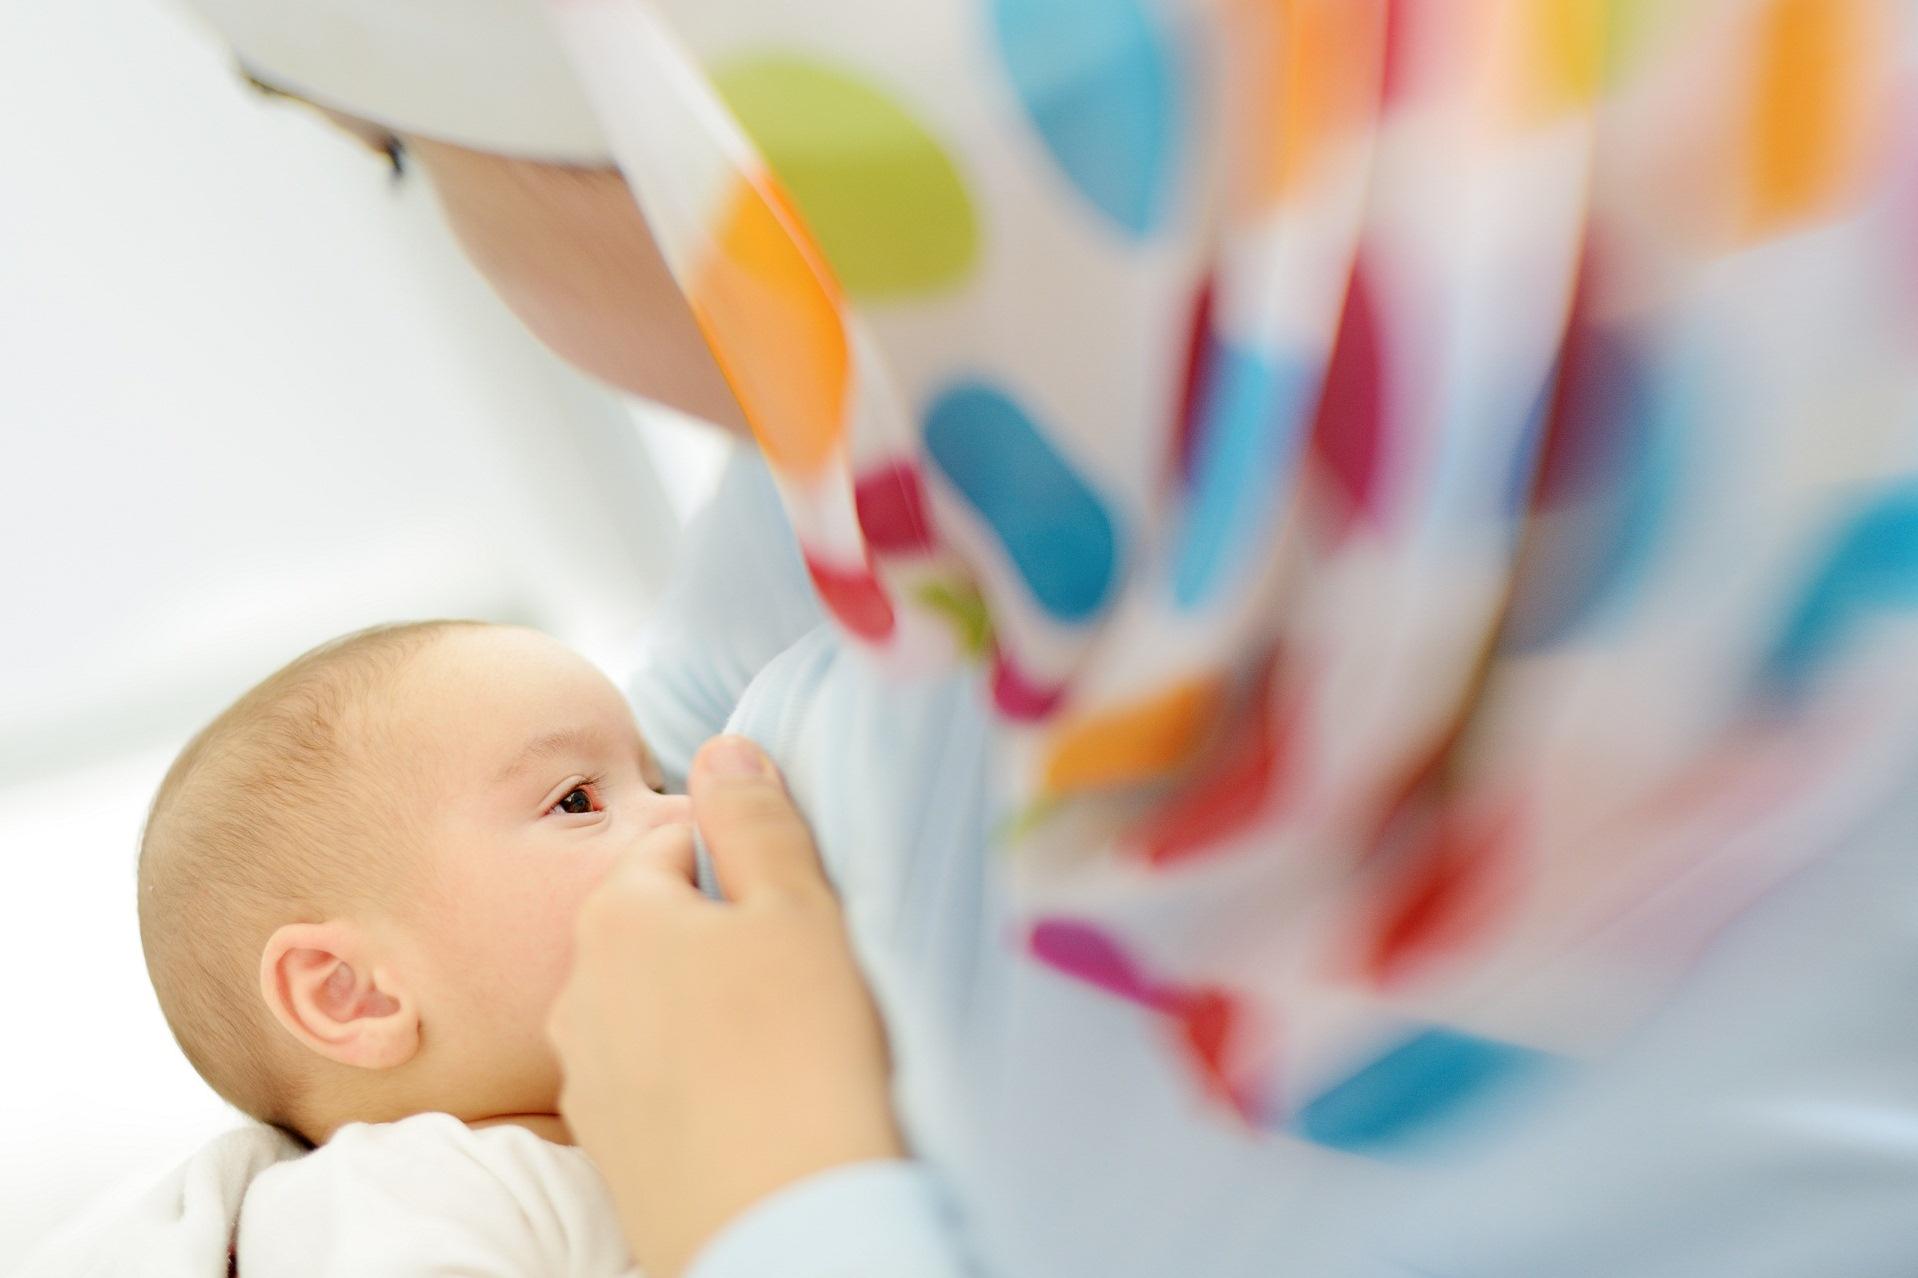 Galactosemia aumento galactose teste do pezinho triagem neonatal